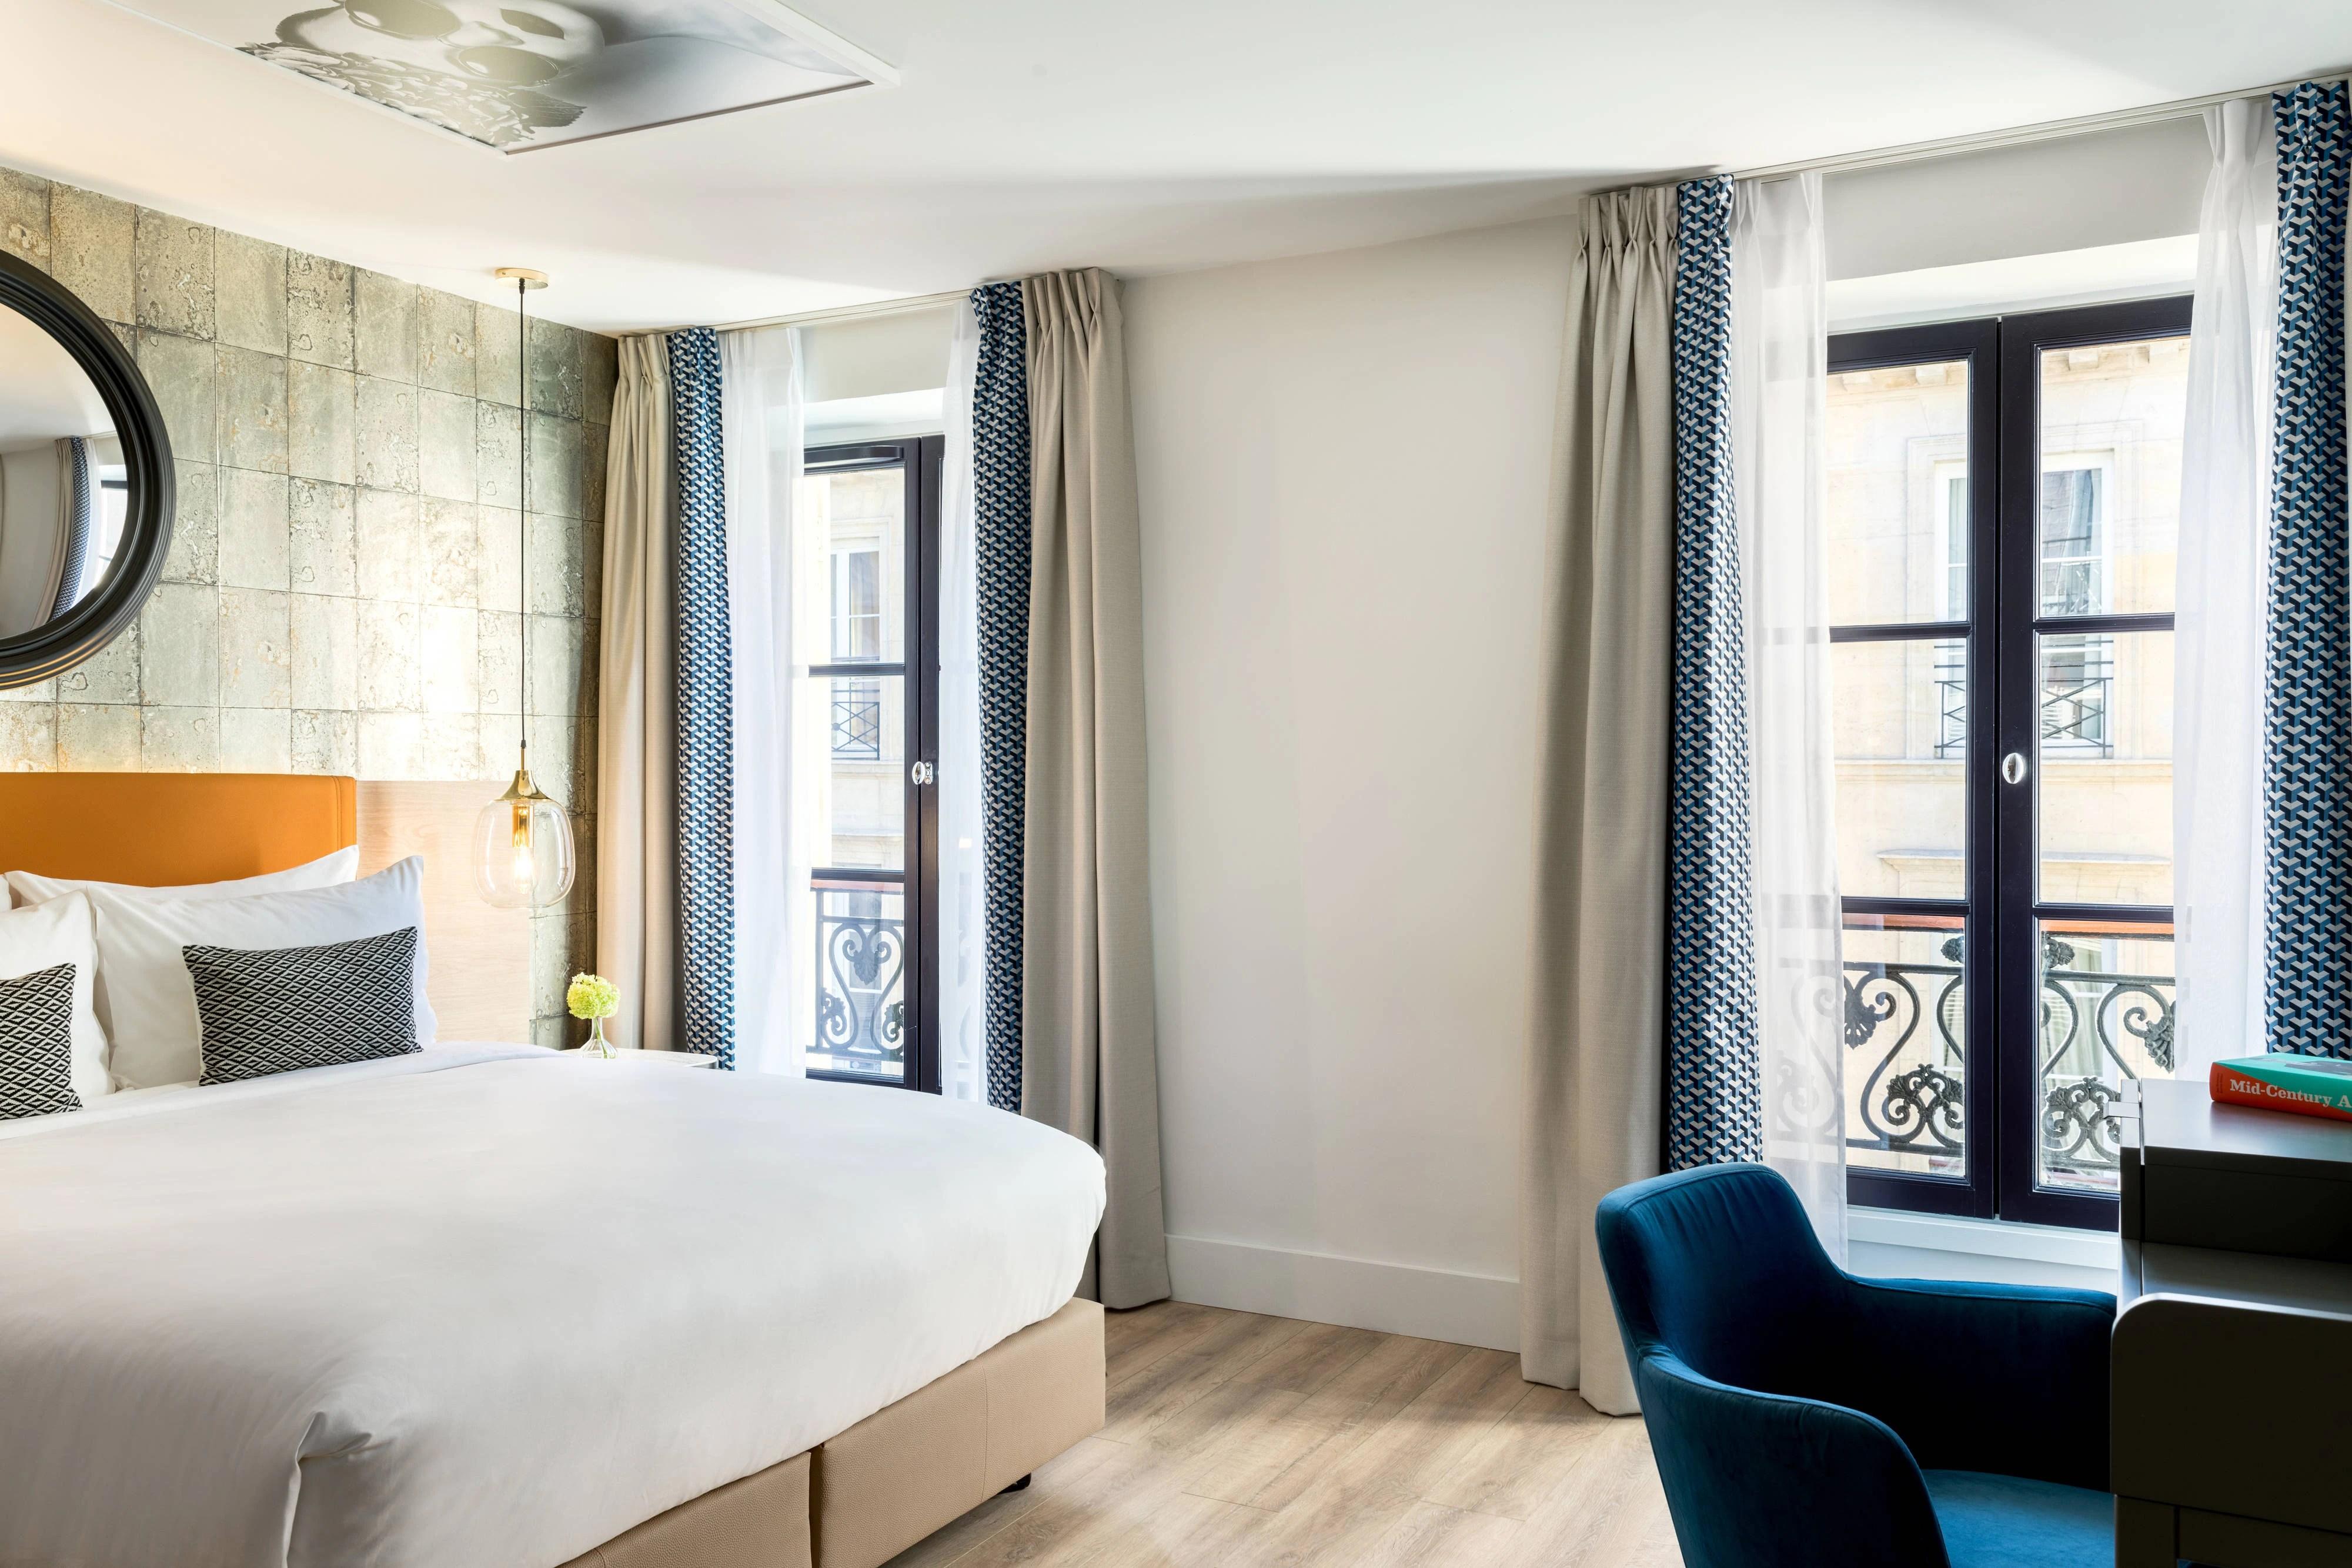 5-star Hotel In Paris France Renaissance Vendome